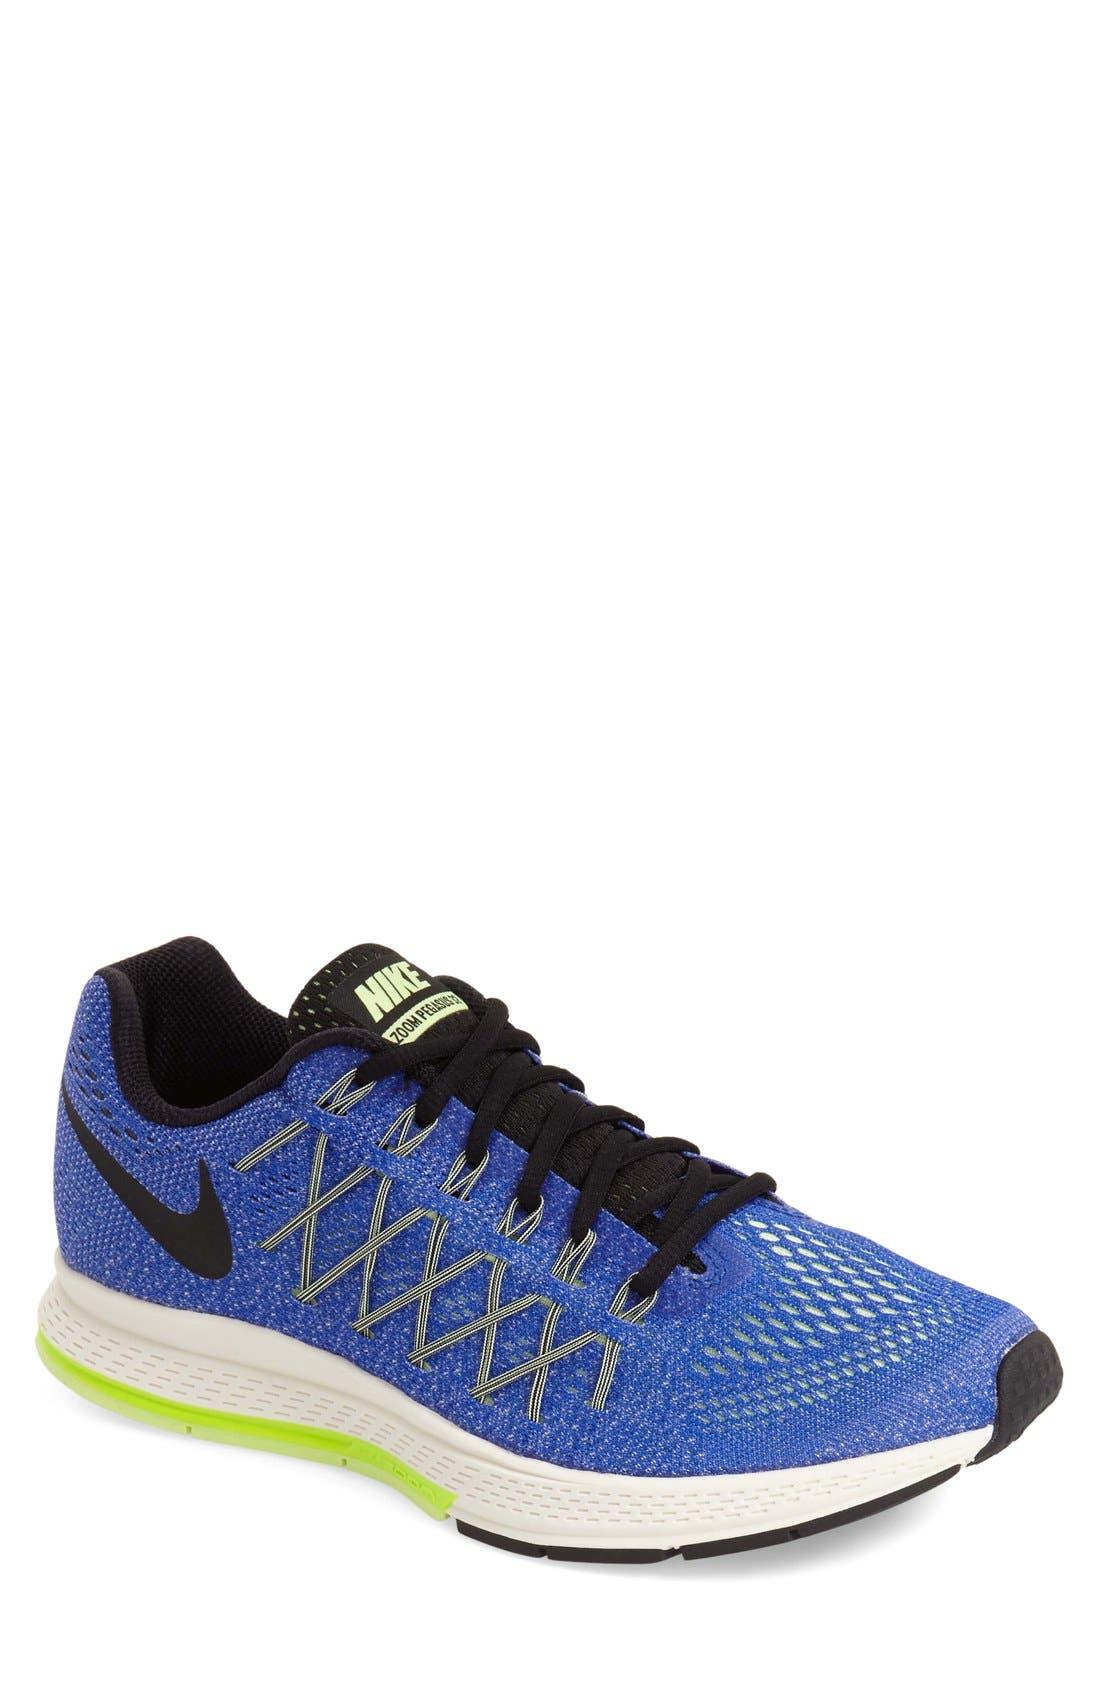 Main Image - Nike 'Zoom Pegasus 32' Running Shoe (Men)